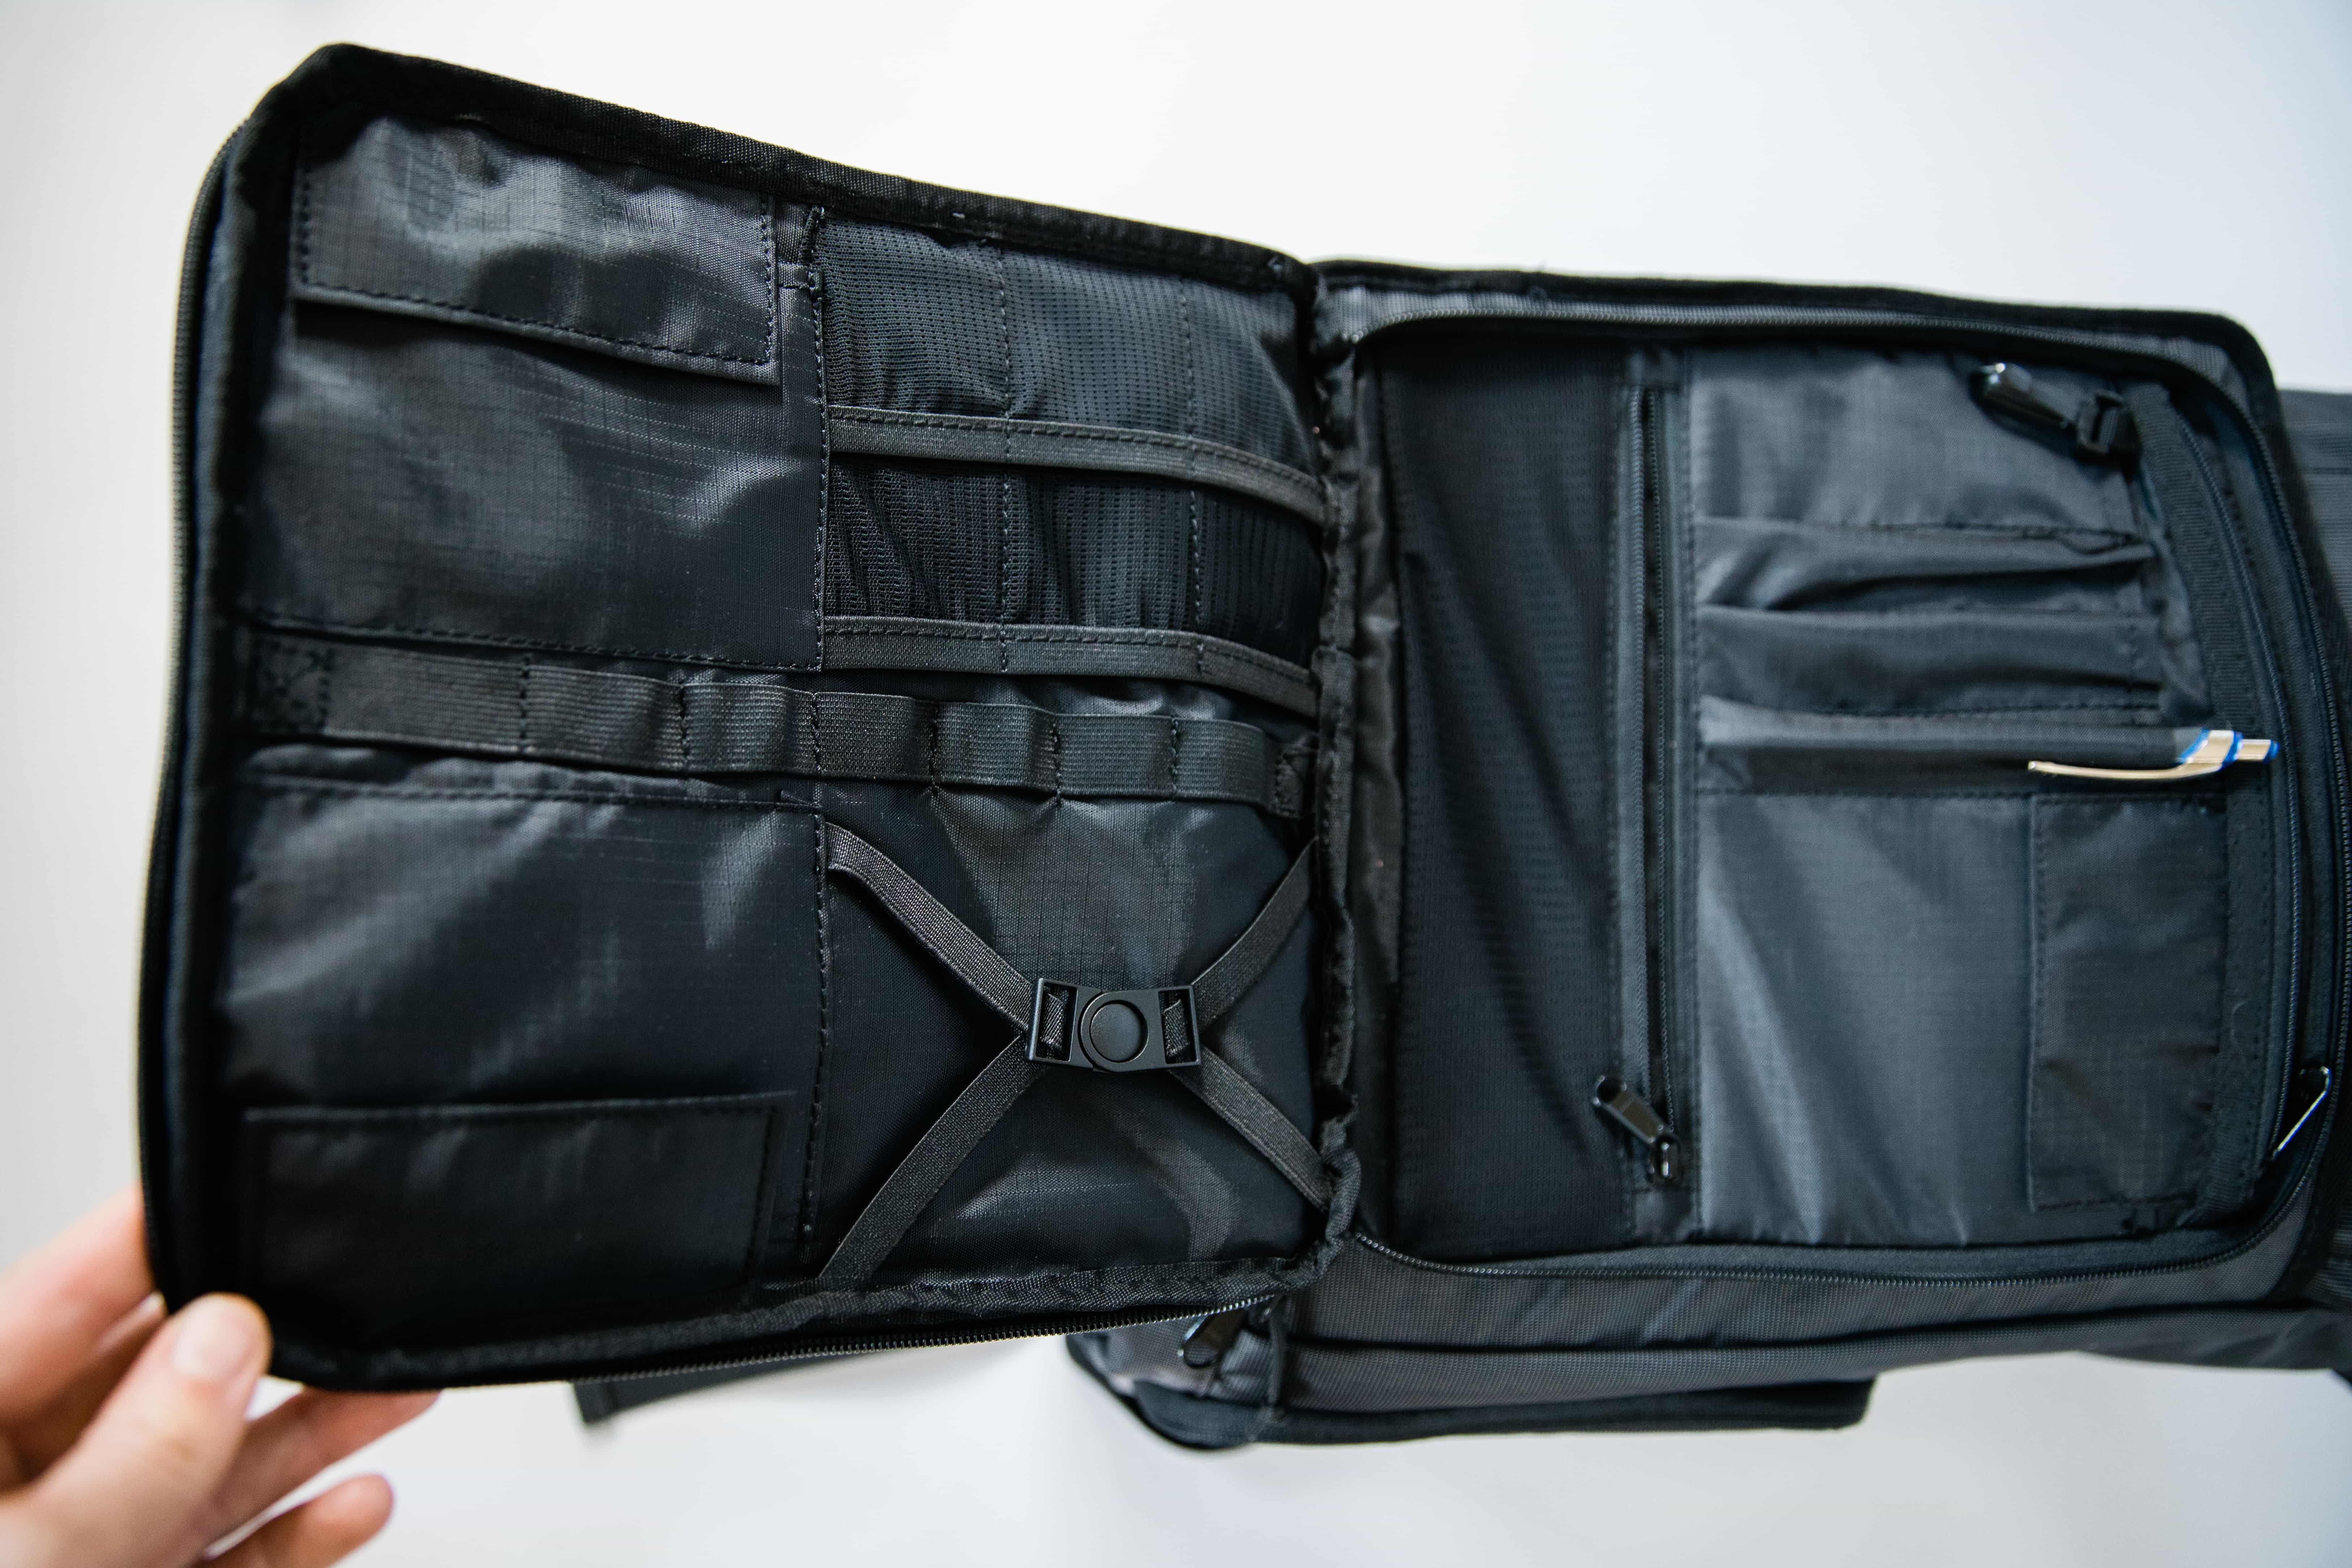 Organized inside pocket of Brevite Roll-top